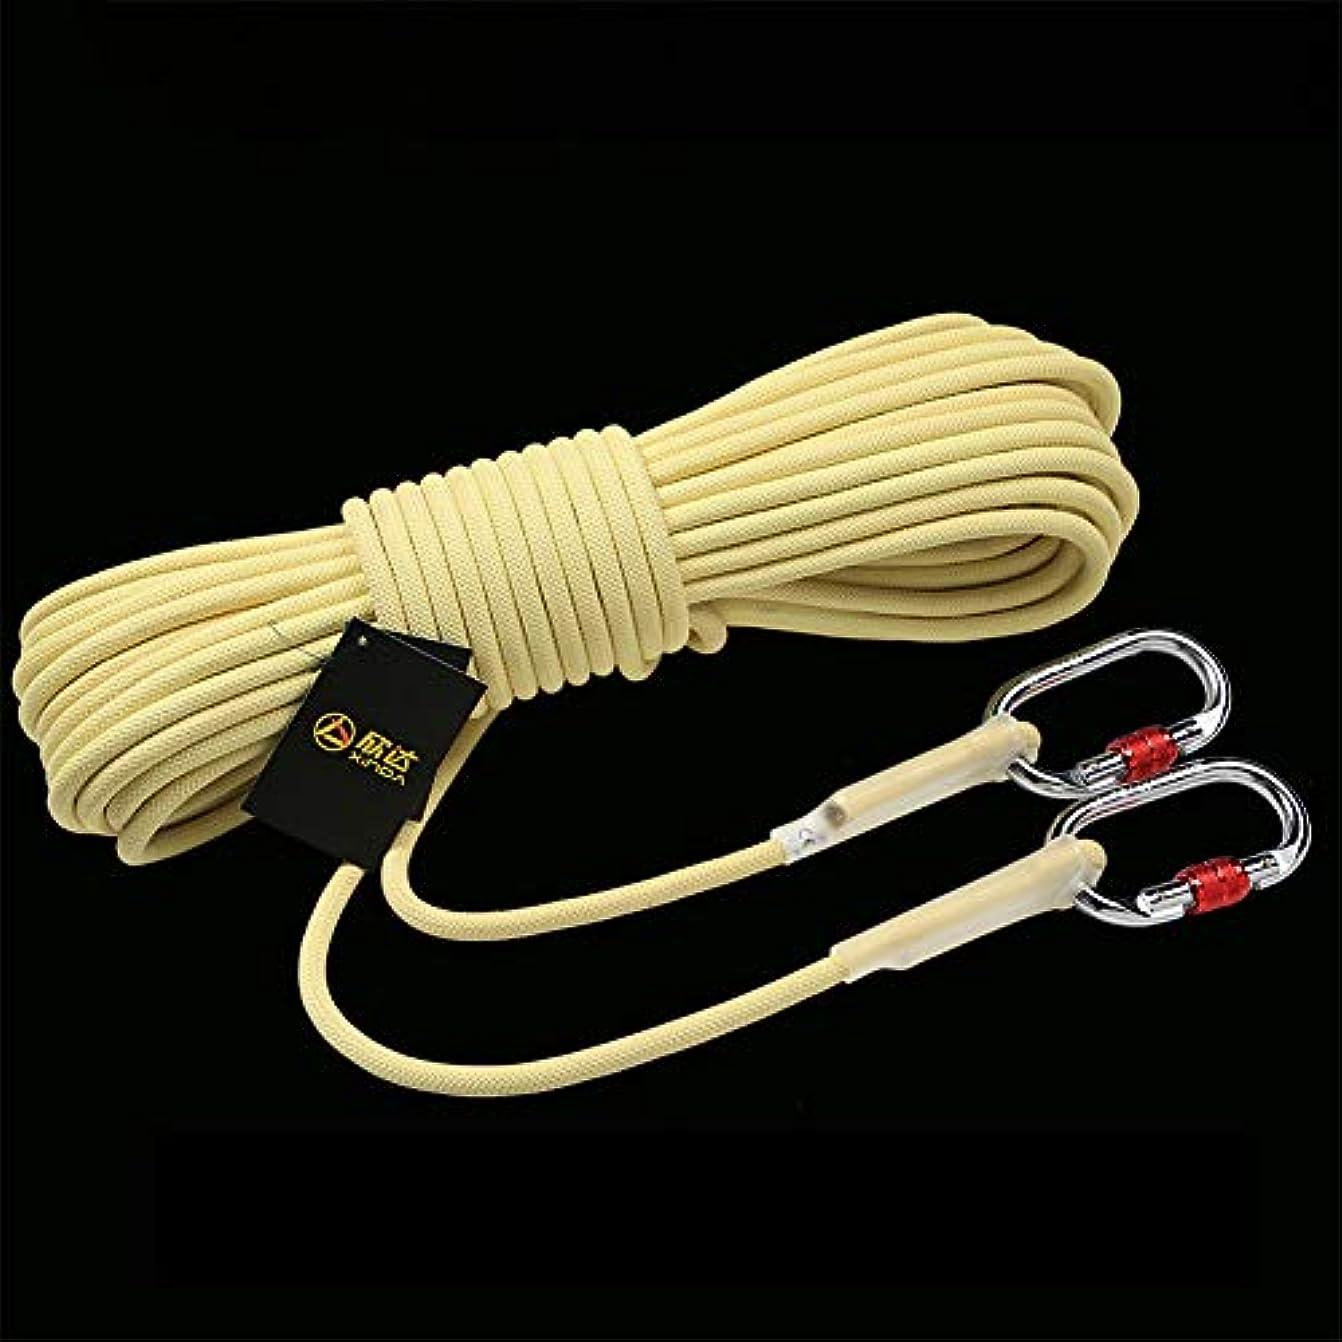 肘掛け椅子ケニアクライストチャーチ10.5ミリメートル屋外静的ロッククライミングロープ、火災エスケープ安全救助急行ロープ高温耐性難燃サバイバルコード,Yellow,15m